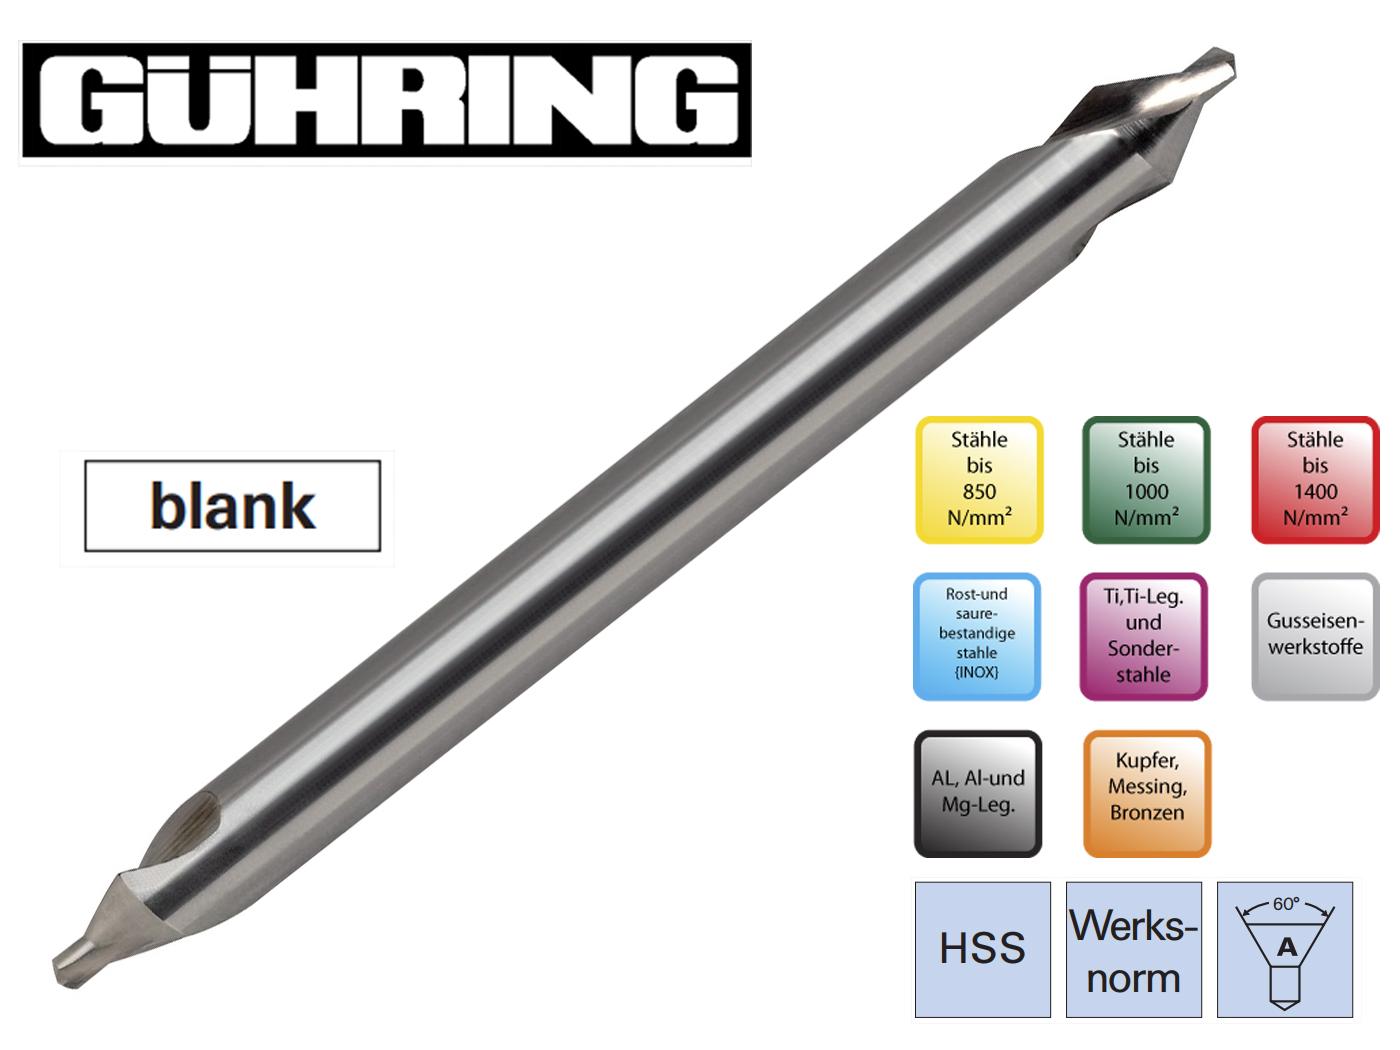 Centreerboor extra lang HSS Guhring   DKMTools - DKM Tools